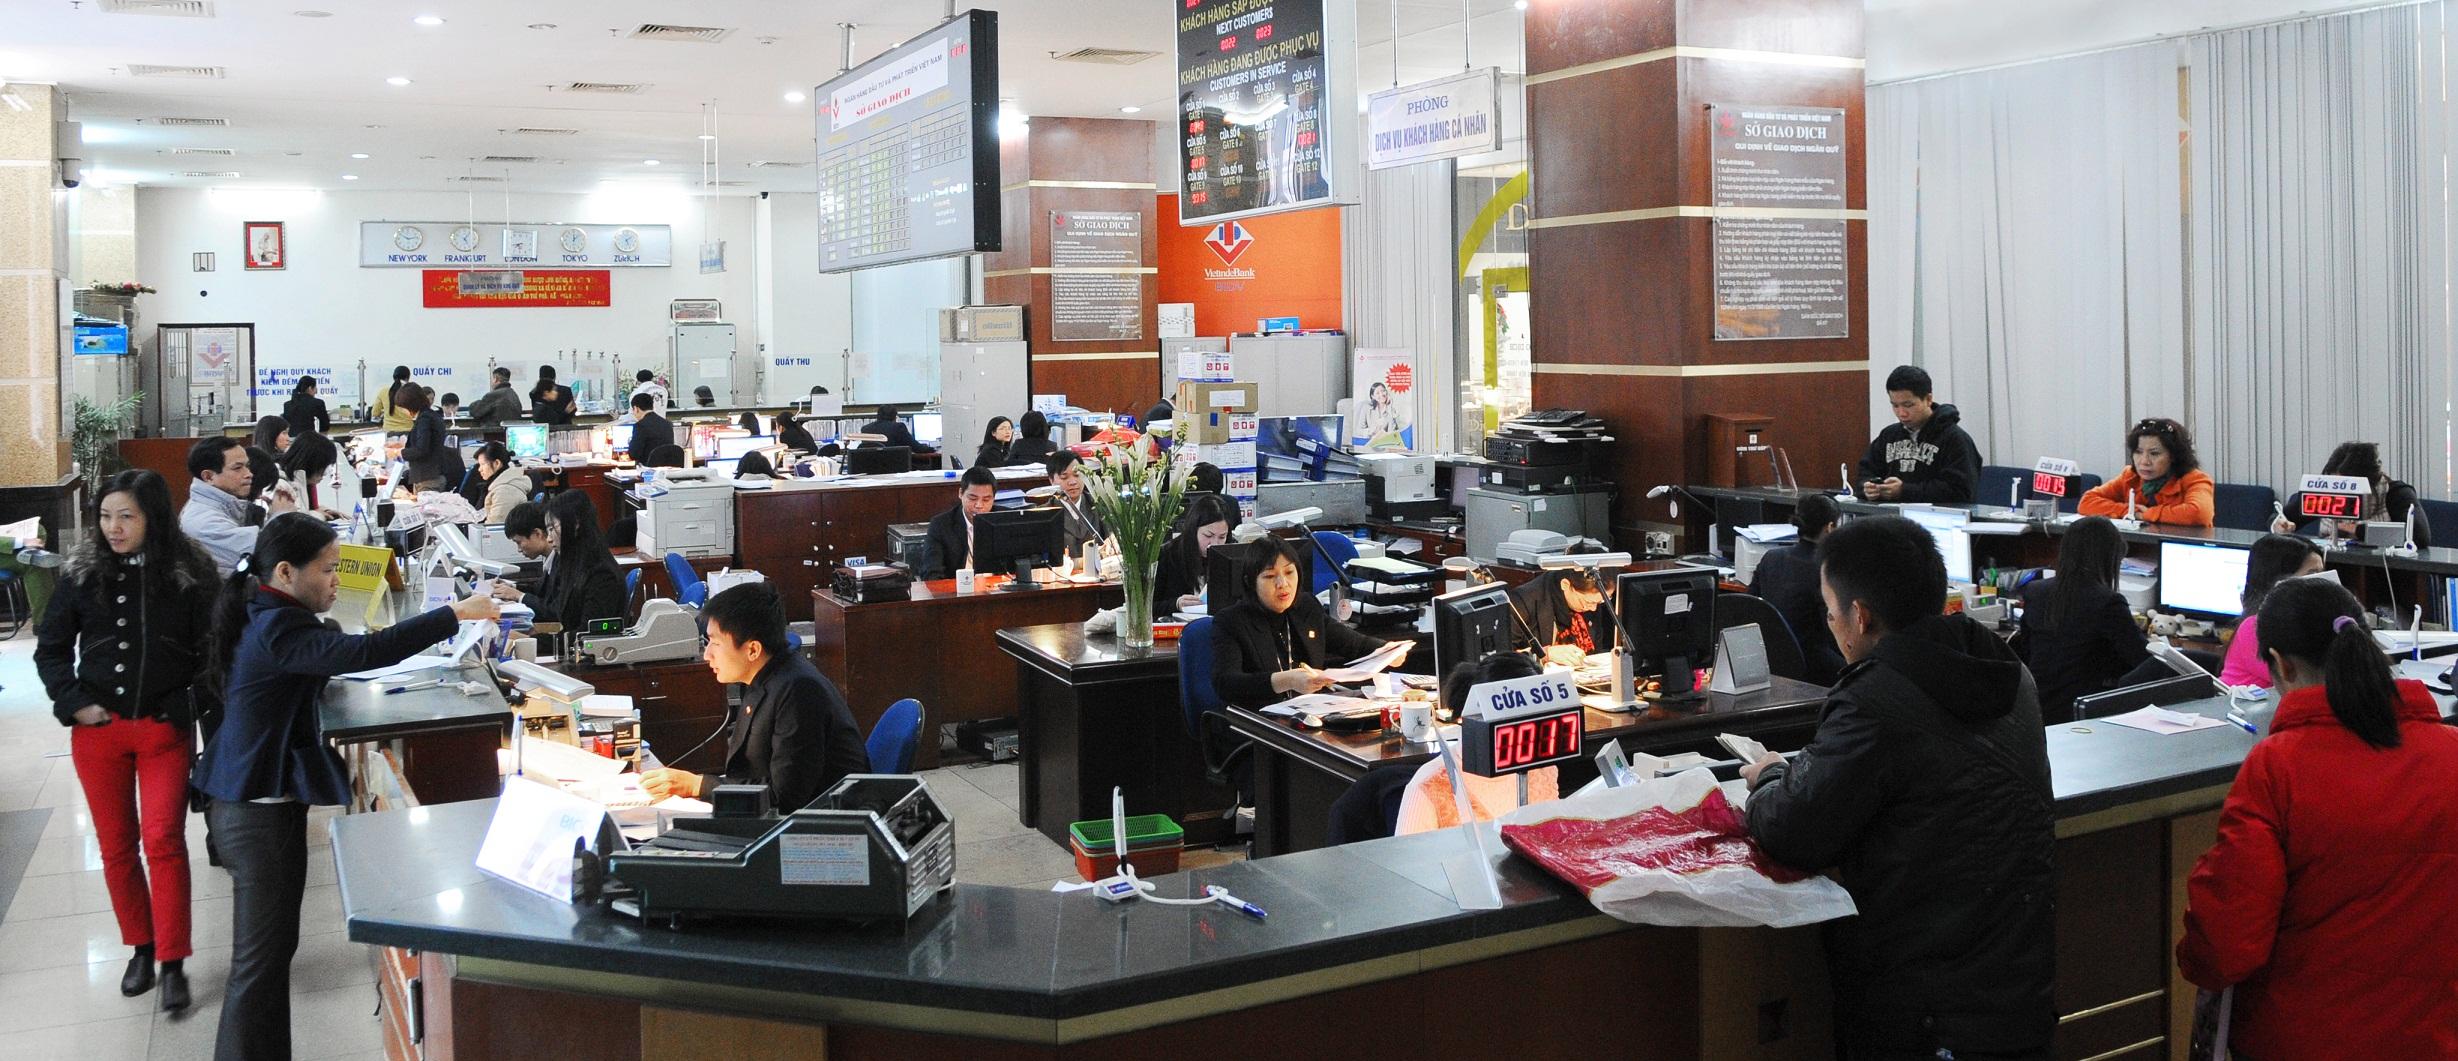 Ngành tài chính đẩy mạnh cung cấp dịch vụ công trực tuyến